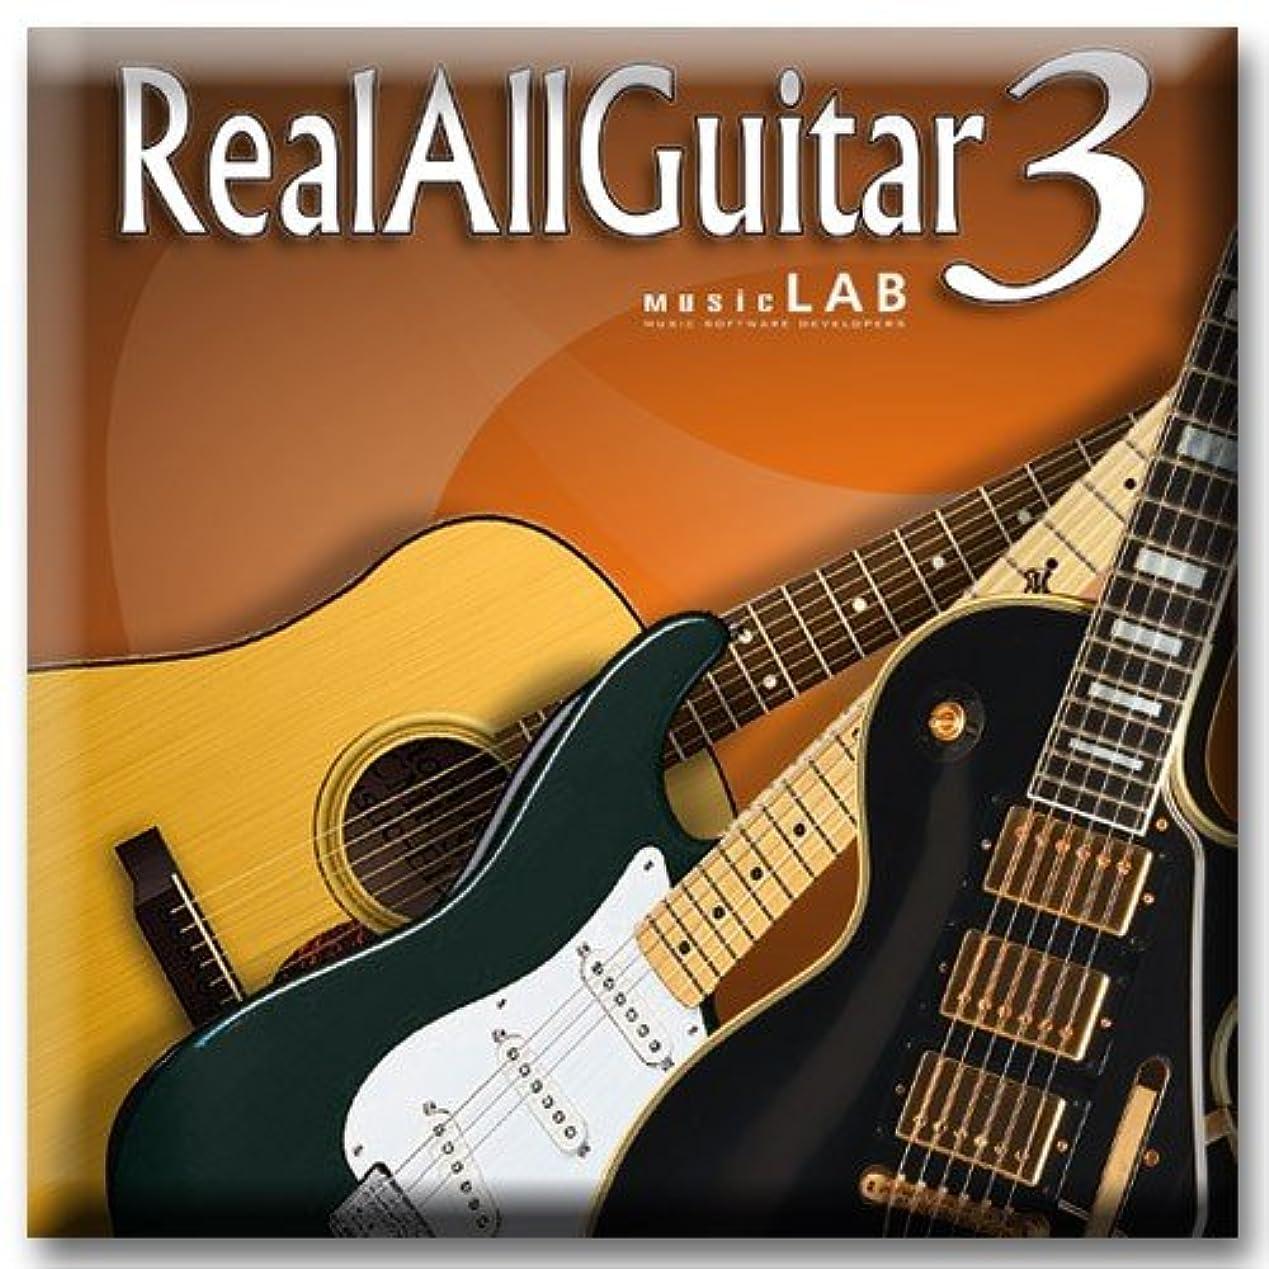 インフレーション合図ボランティア◆MusicLab REAL ALL GUITAR 3◆並行輸入品◆リアルギター音源◆ [並行輸入品]